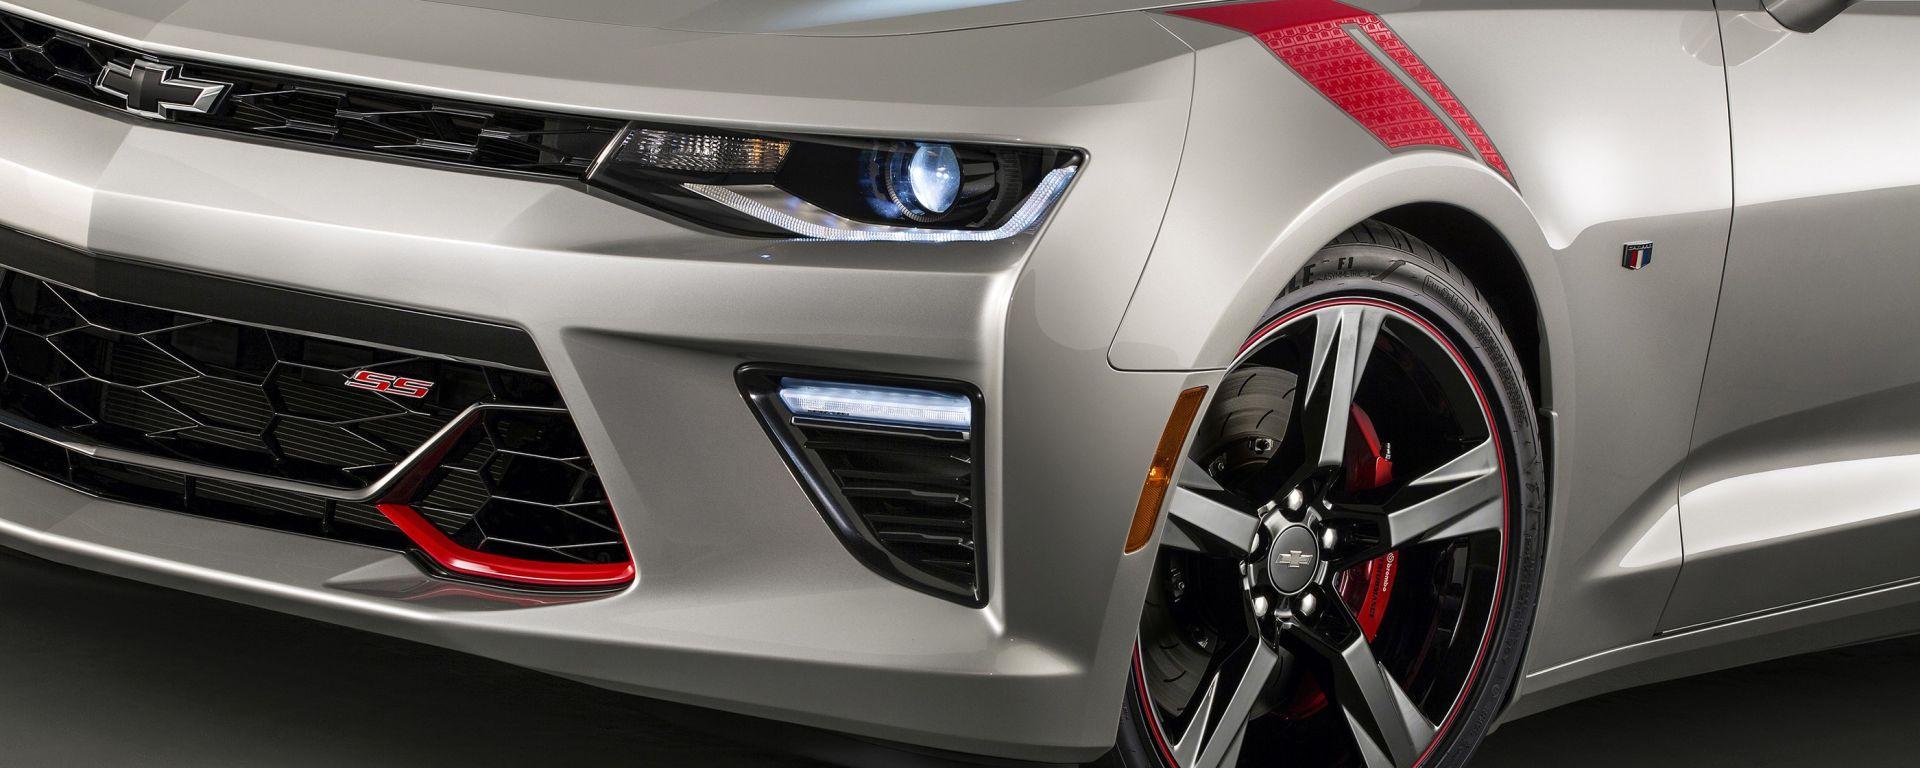 Chevrolet Camaro SS concepts al SEMA 2015